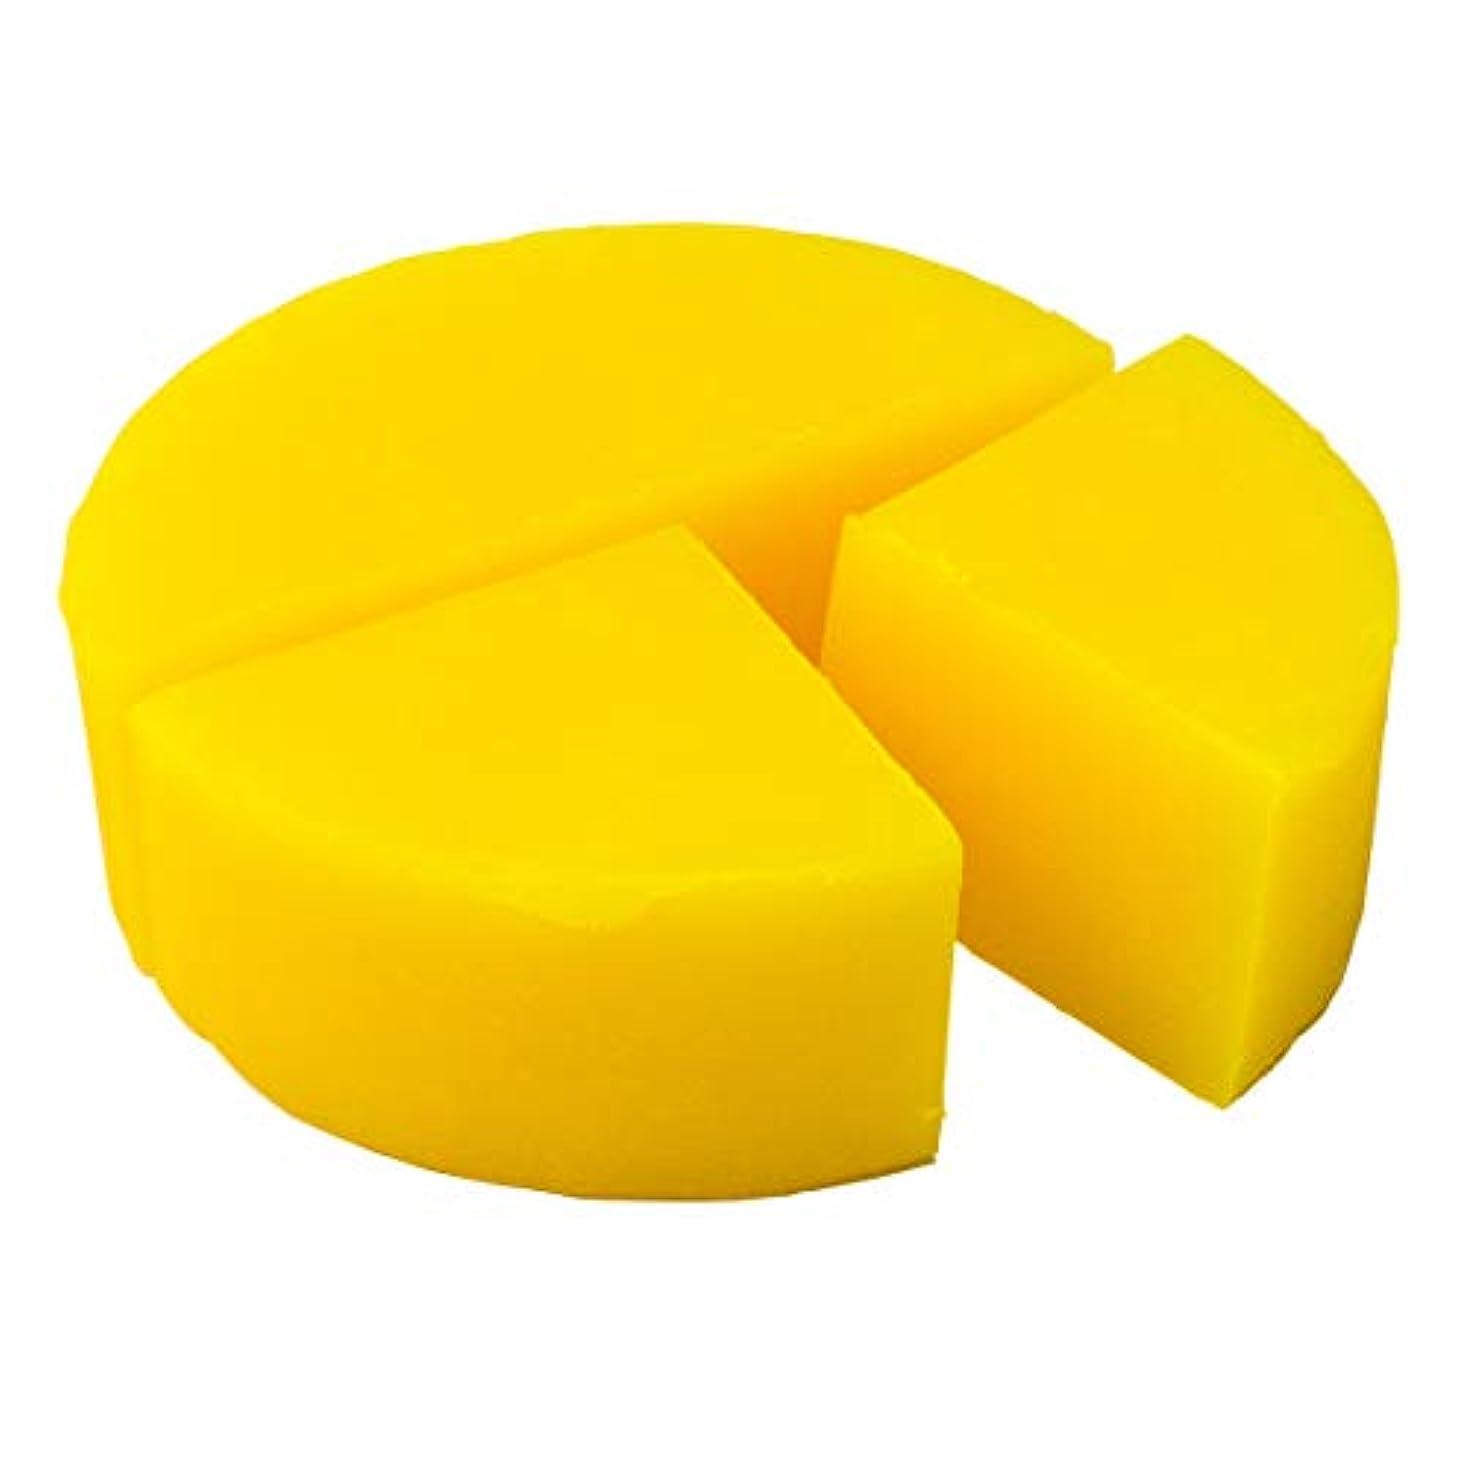 操作楕円形枝グリセリン クリアソープ 色チップ 黄 100g (MPソープ)